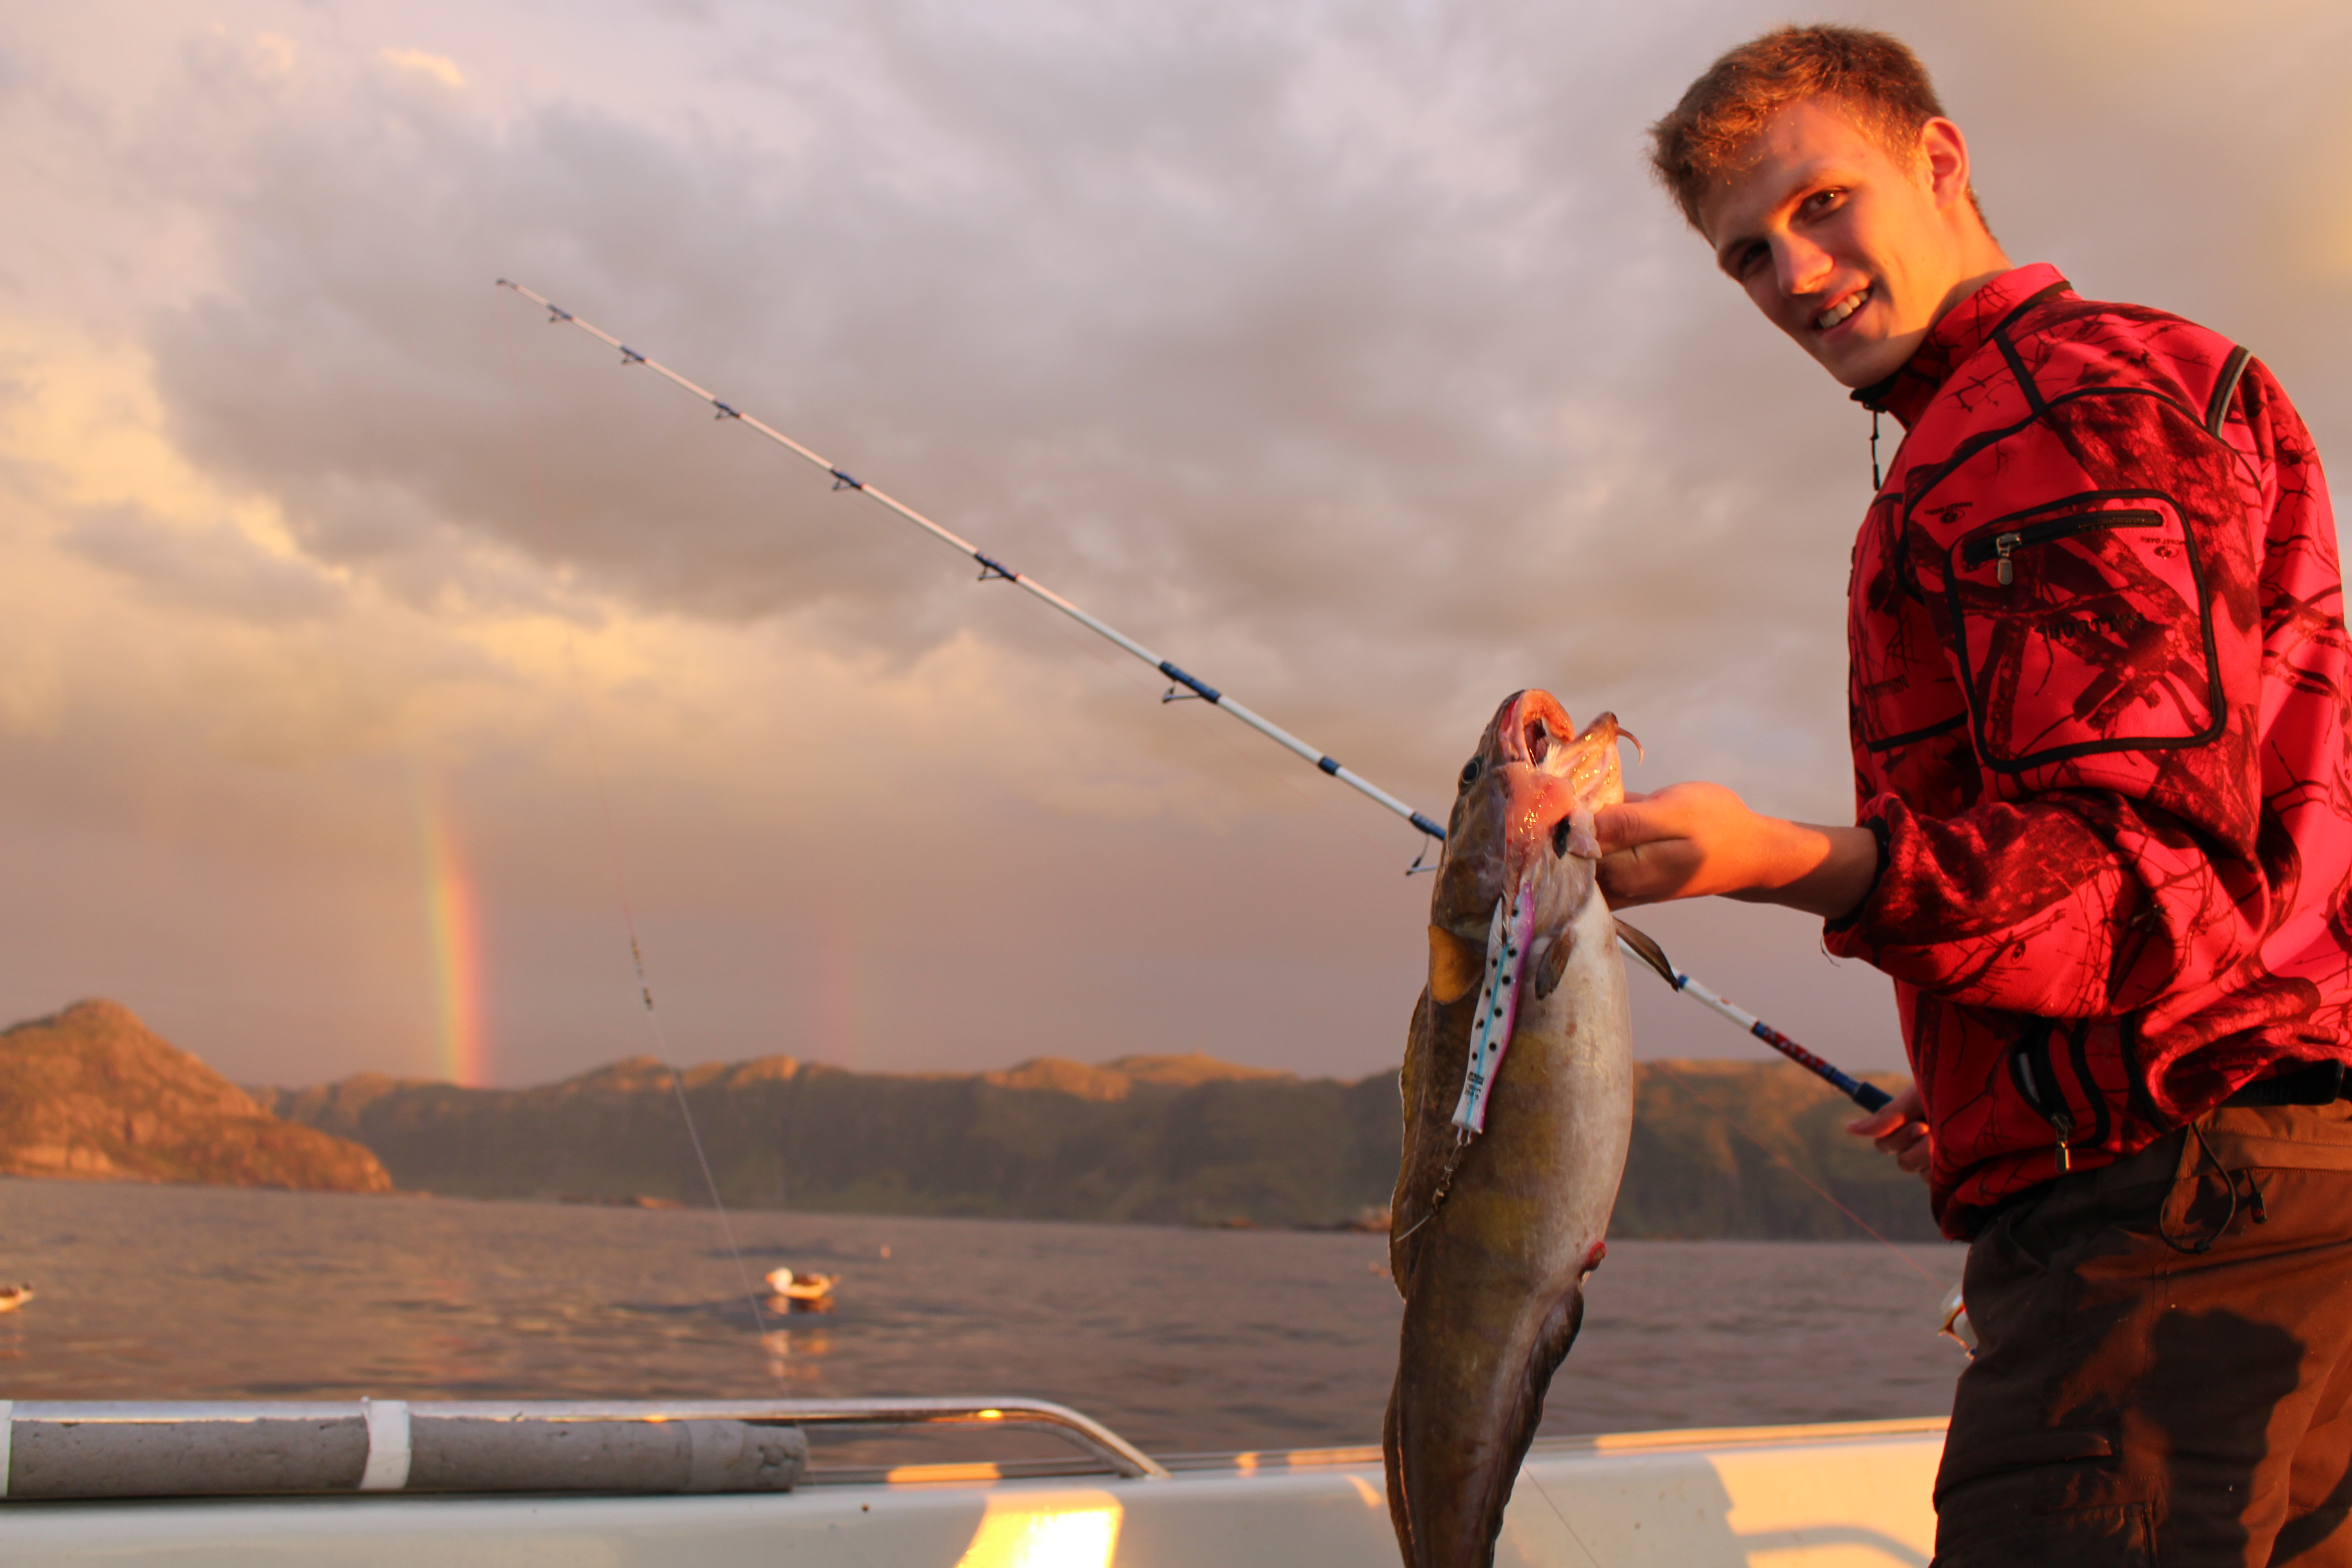 Gerold mit dem letzten Fisch des ersten Tages, bevor wir in den Hafen fuhren. jaegermagazin Wilddiebe Angeln in Norwegen